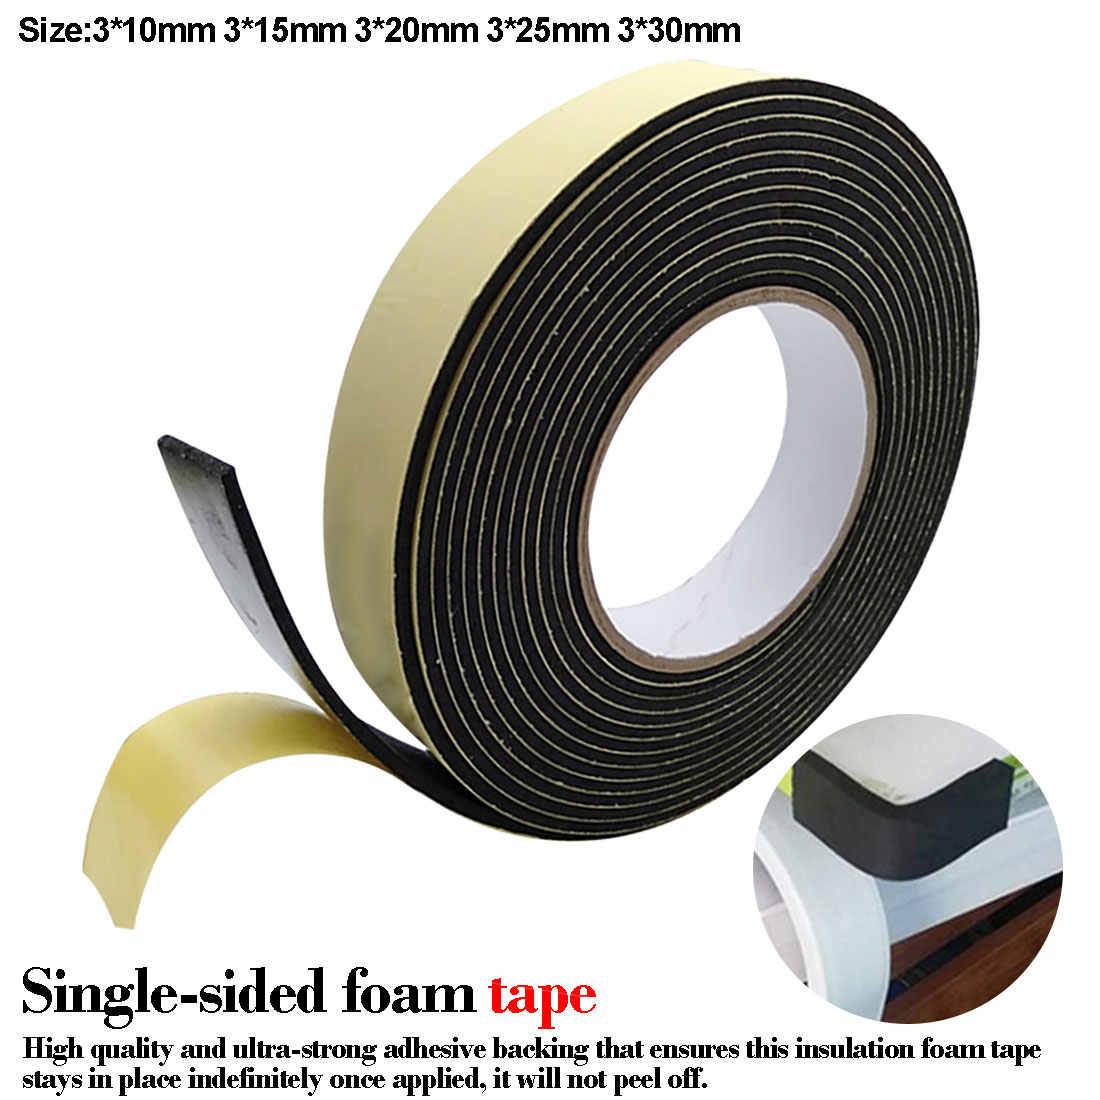 Única Face Adesiva Tape Tira Para A Janela de Tempo de Descascamento de Esponja De Espuma De Borracha À Prova D' Água Tira Vedação Da Porta 3mm